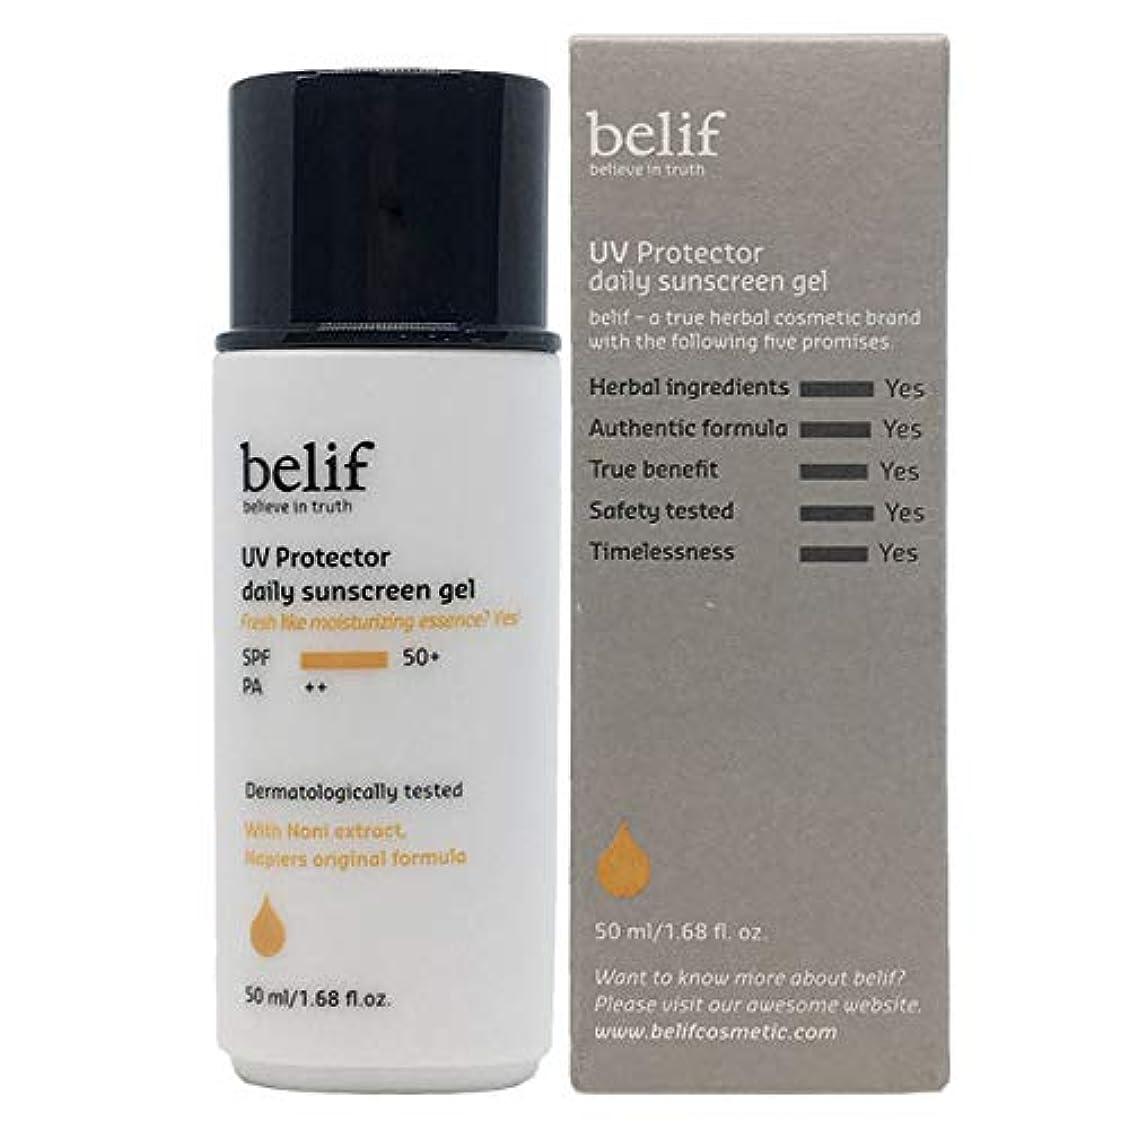 ウェブオーストラリア銀河Belif(ビリーフ)UV Protector Daily Sunscreen Gel 50ml/ビリーフUVプロテクター サンスクリーン ジェル